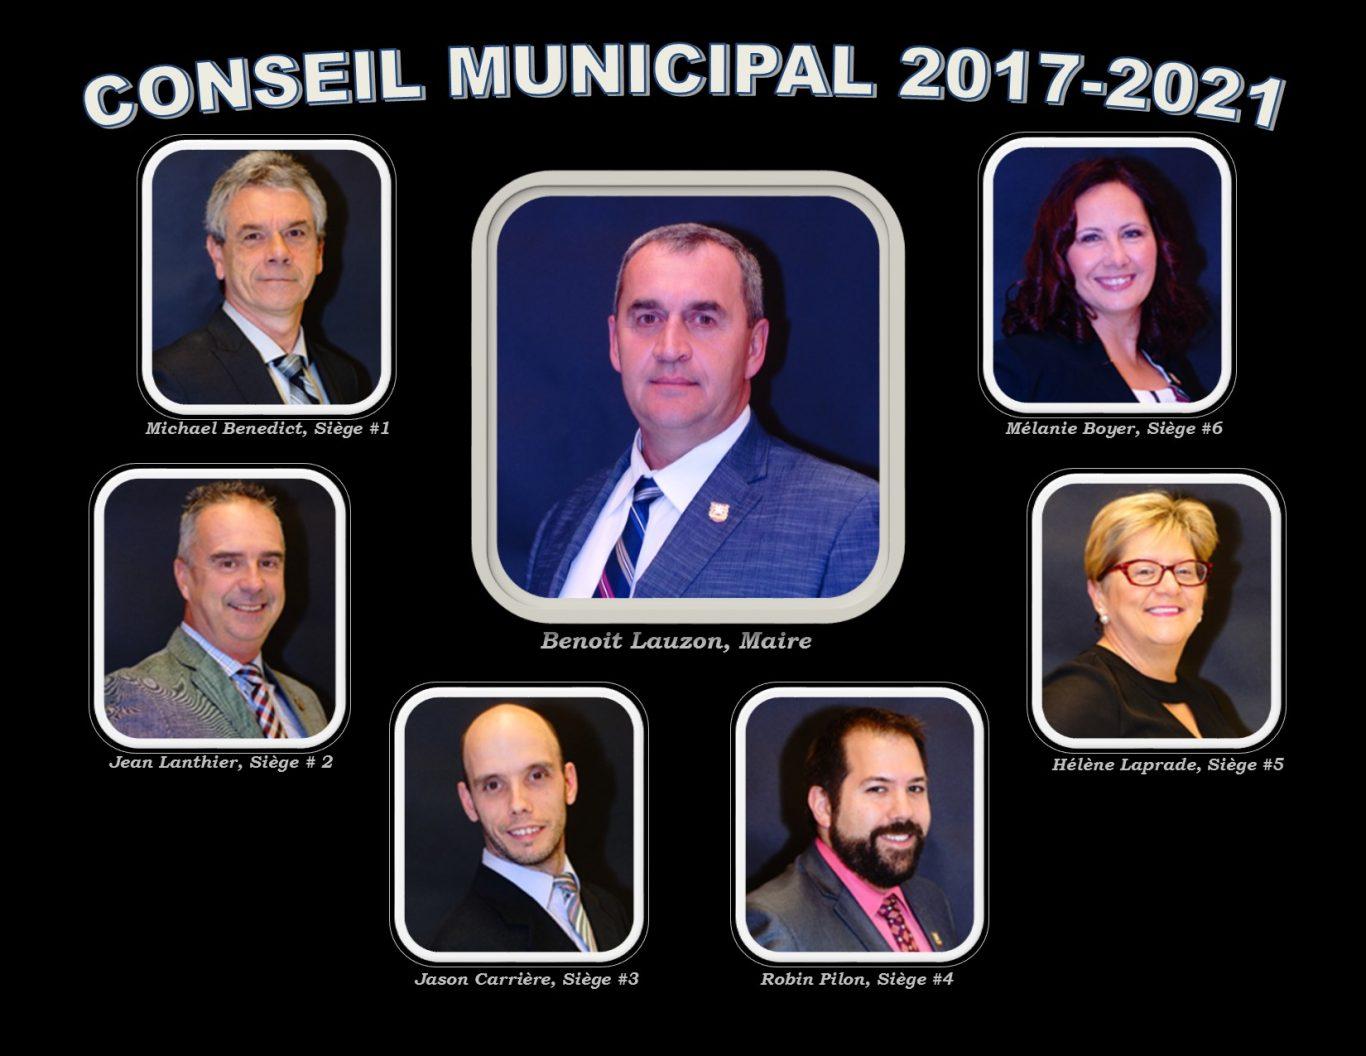 conseil municipal 2017 2021 - Ville de Thurso